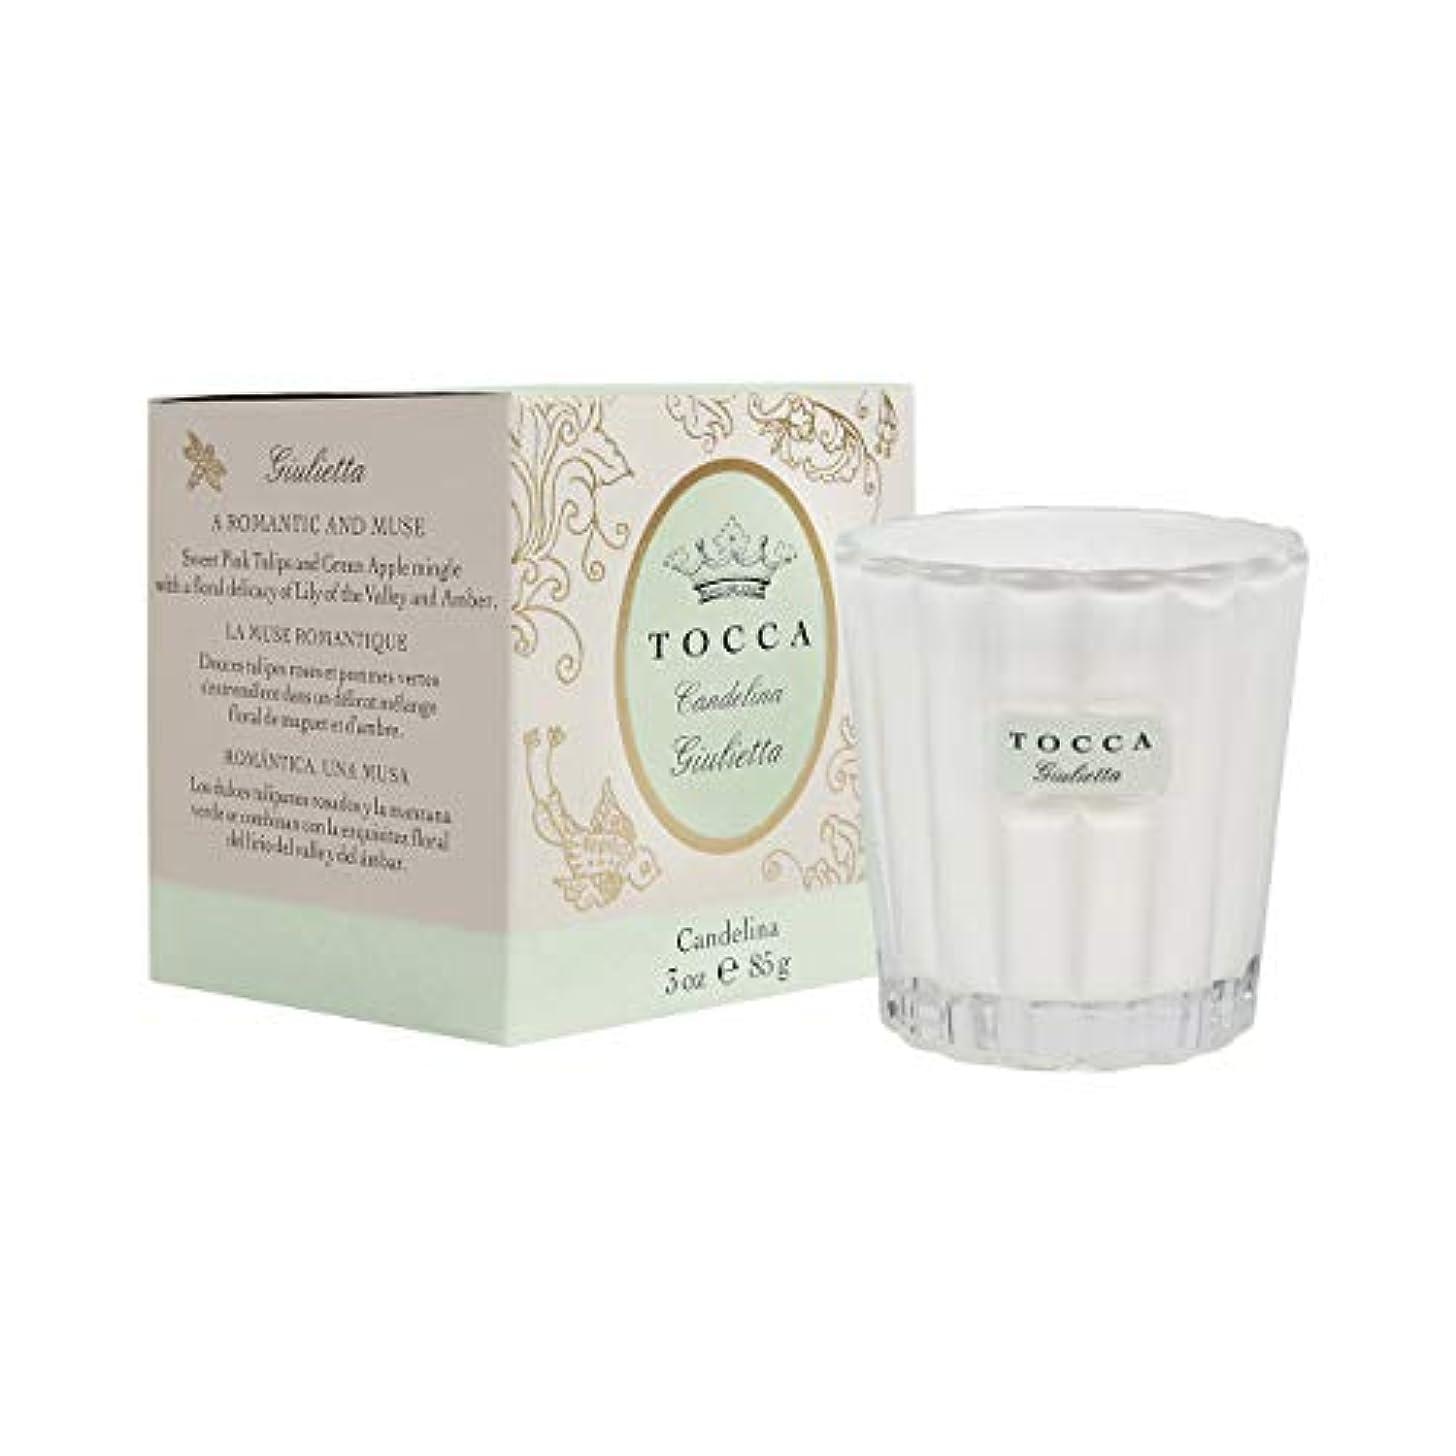 ベスト調整する敗北トッカ(TOCCA) キャンデリーナ ジュリエッタの香り 約85g (キャンドル ろうそく 爽やかで甘い香り)